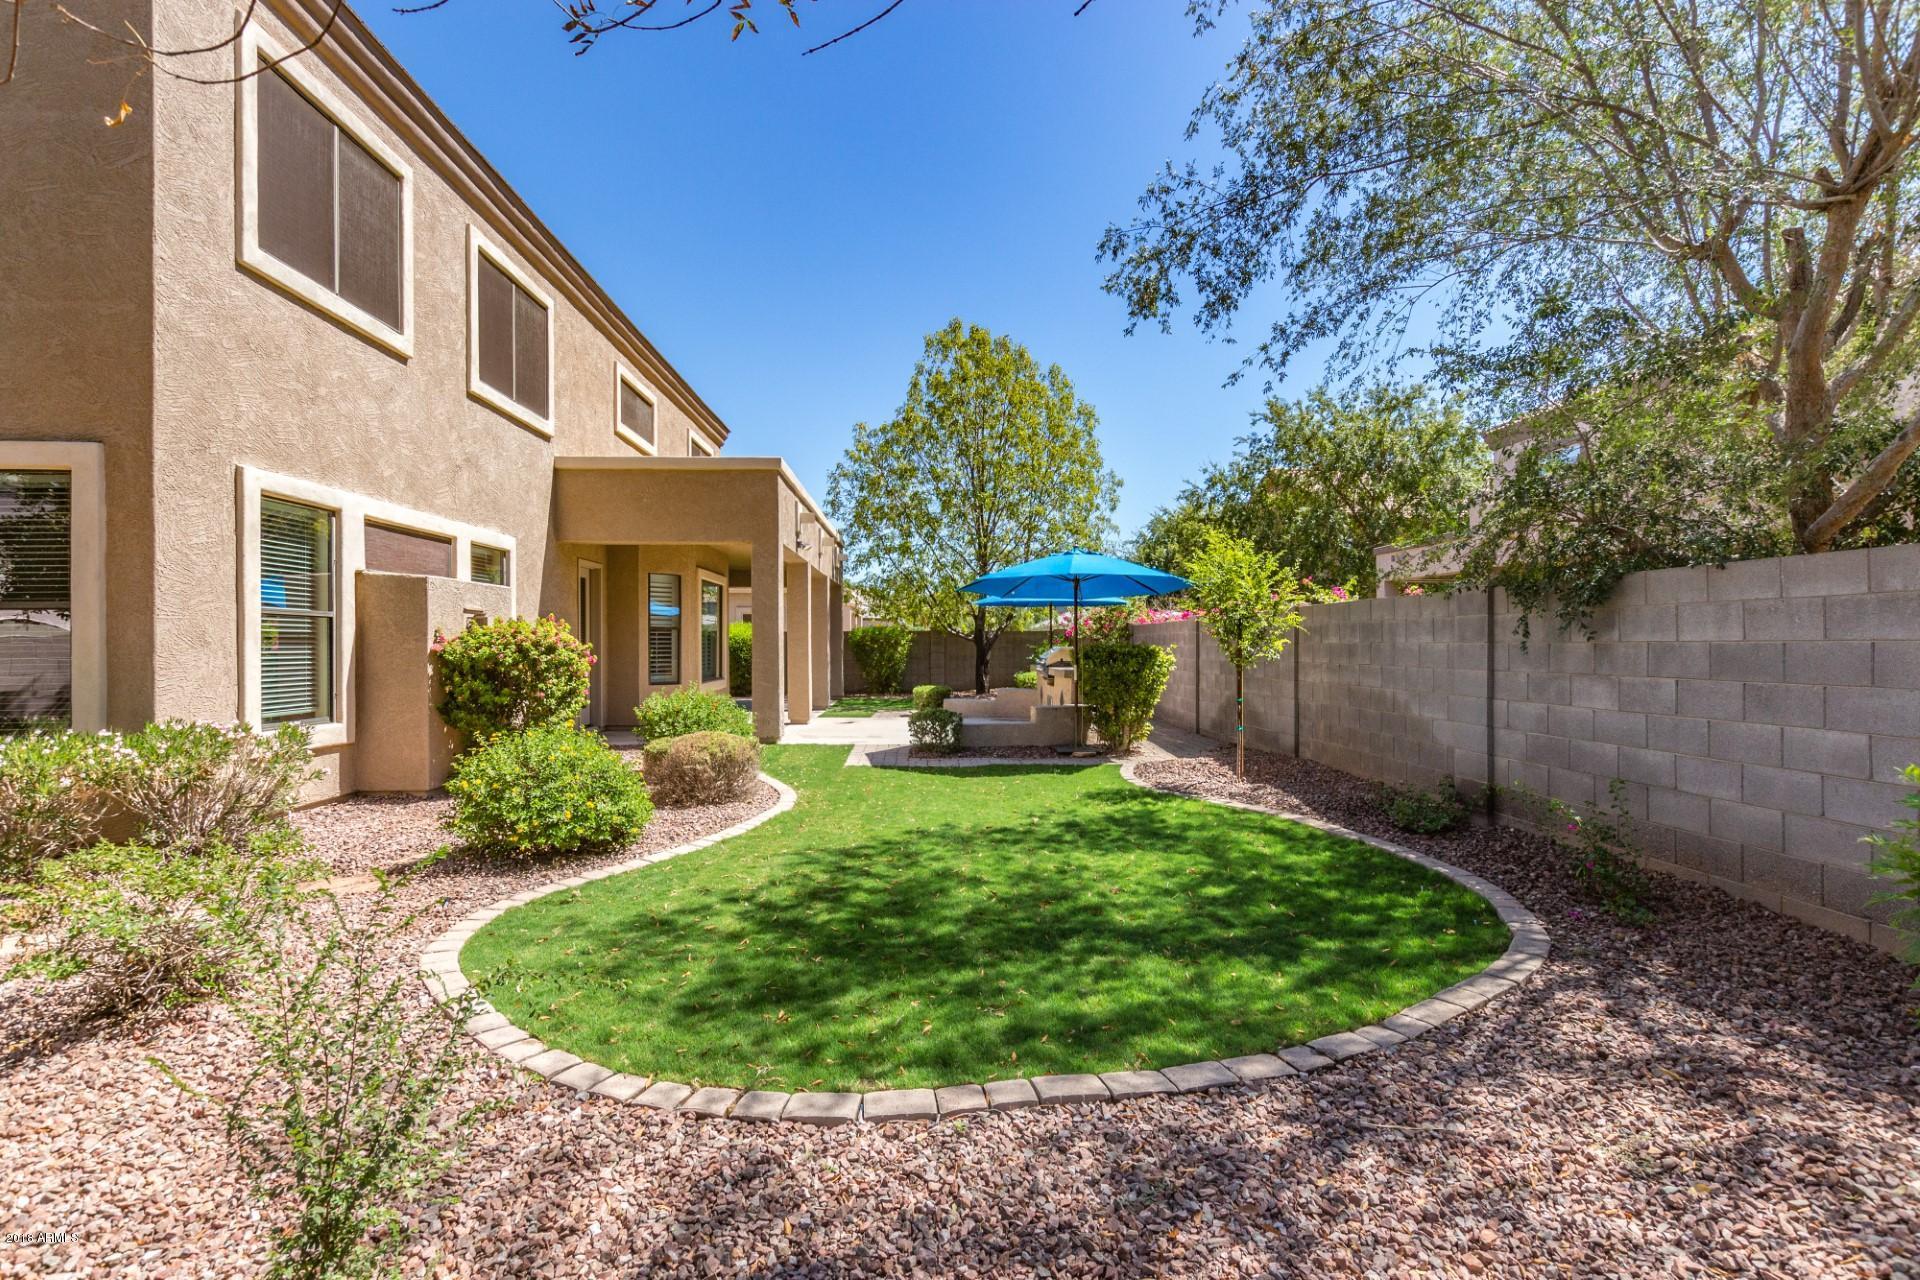 MLS 5819699 105 E JOSEPH Way, Gilbert, AZ 85295 Gilbert AZ Allen Ranch